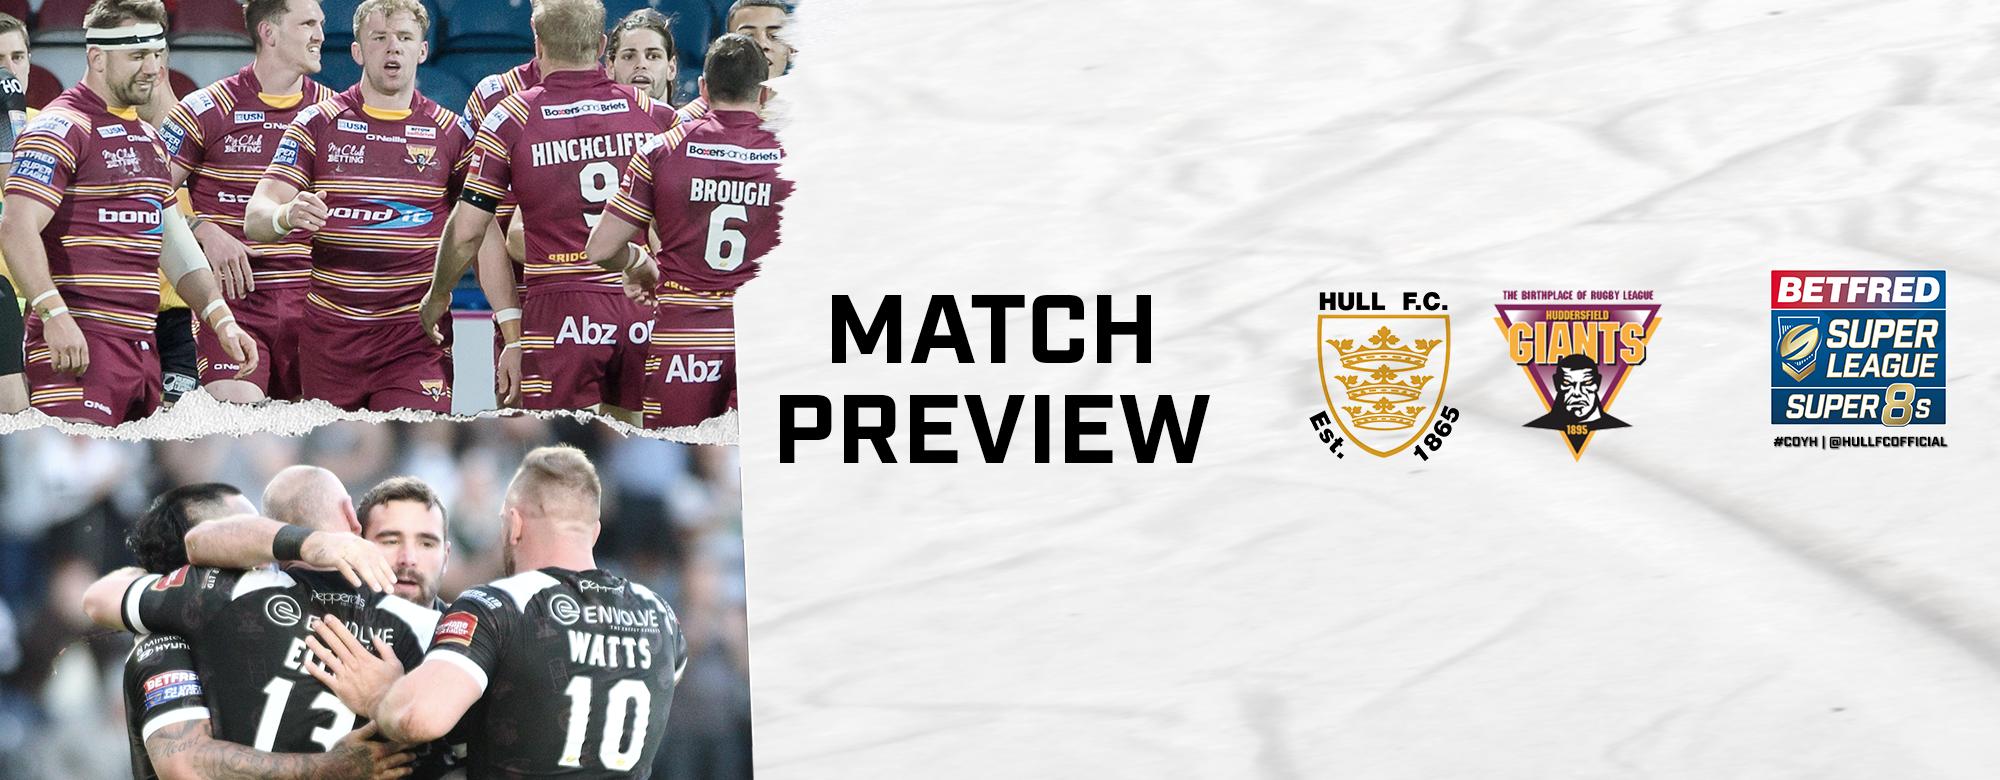 9fcc5092db8ffa Match Preview  Hull FC vs Huddersfield Giants